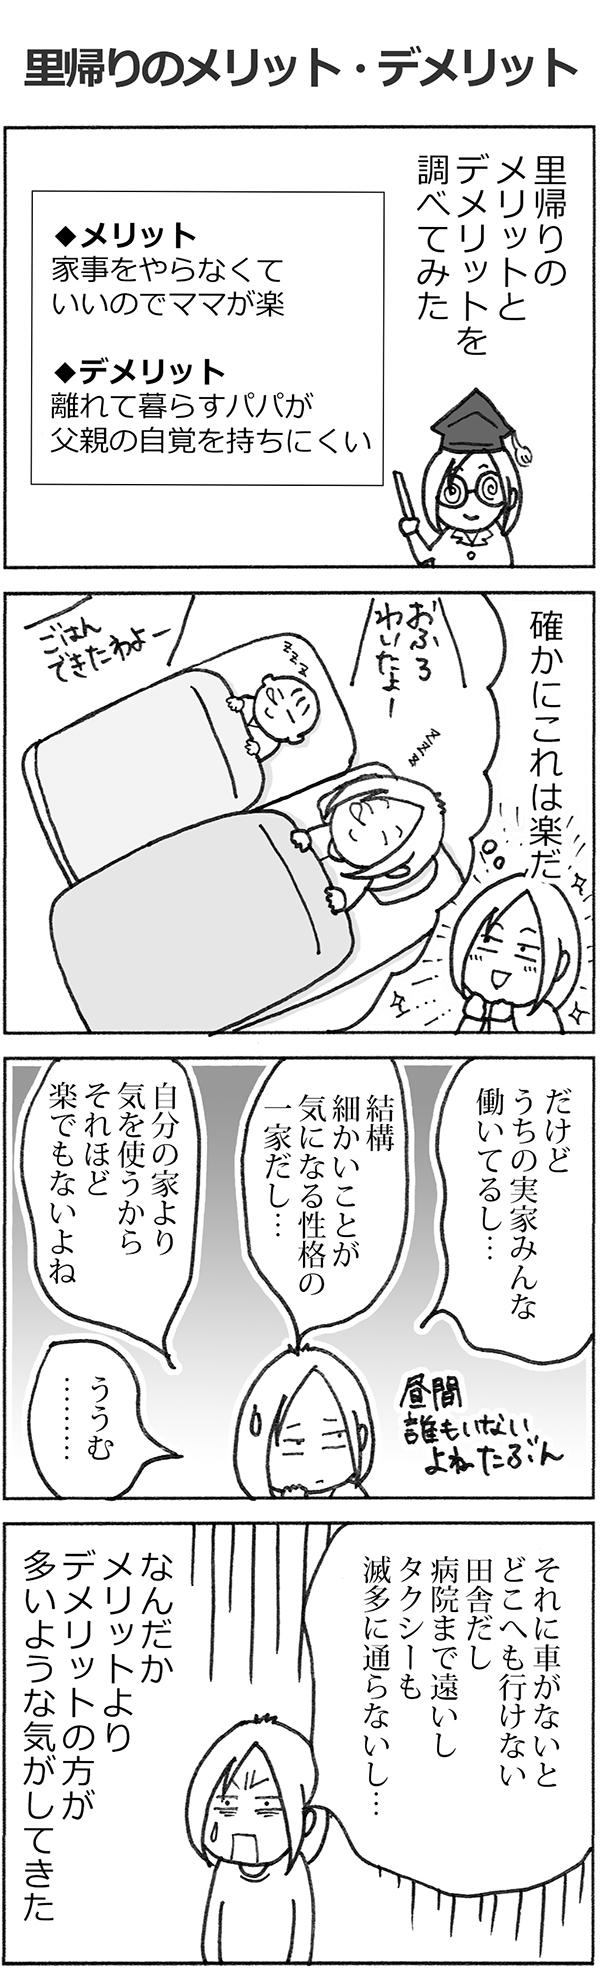 katakrico_10